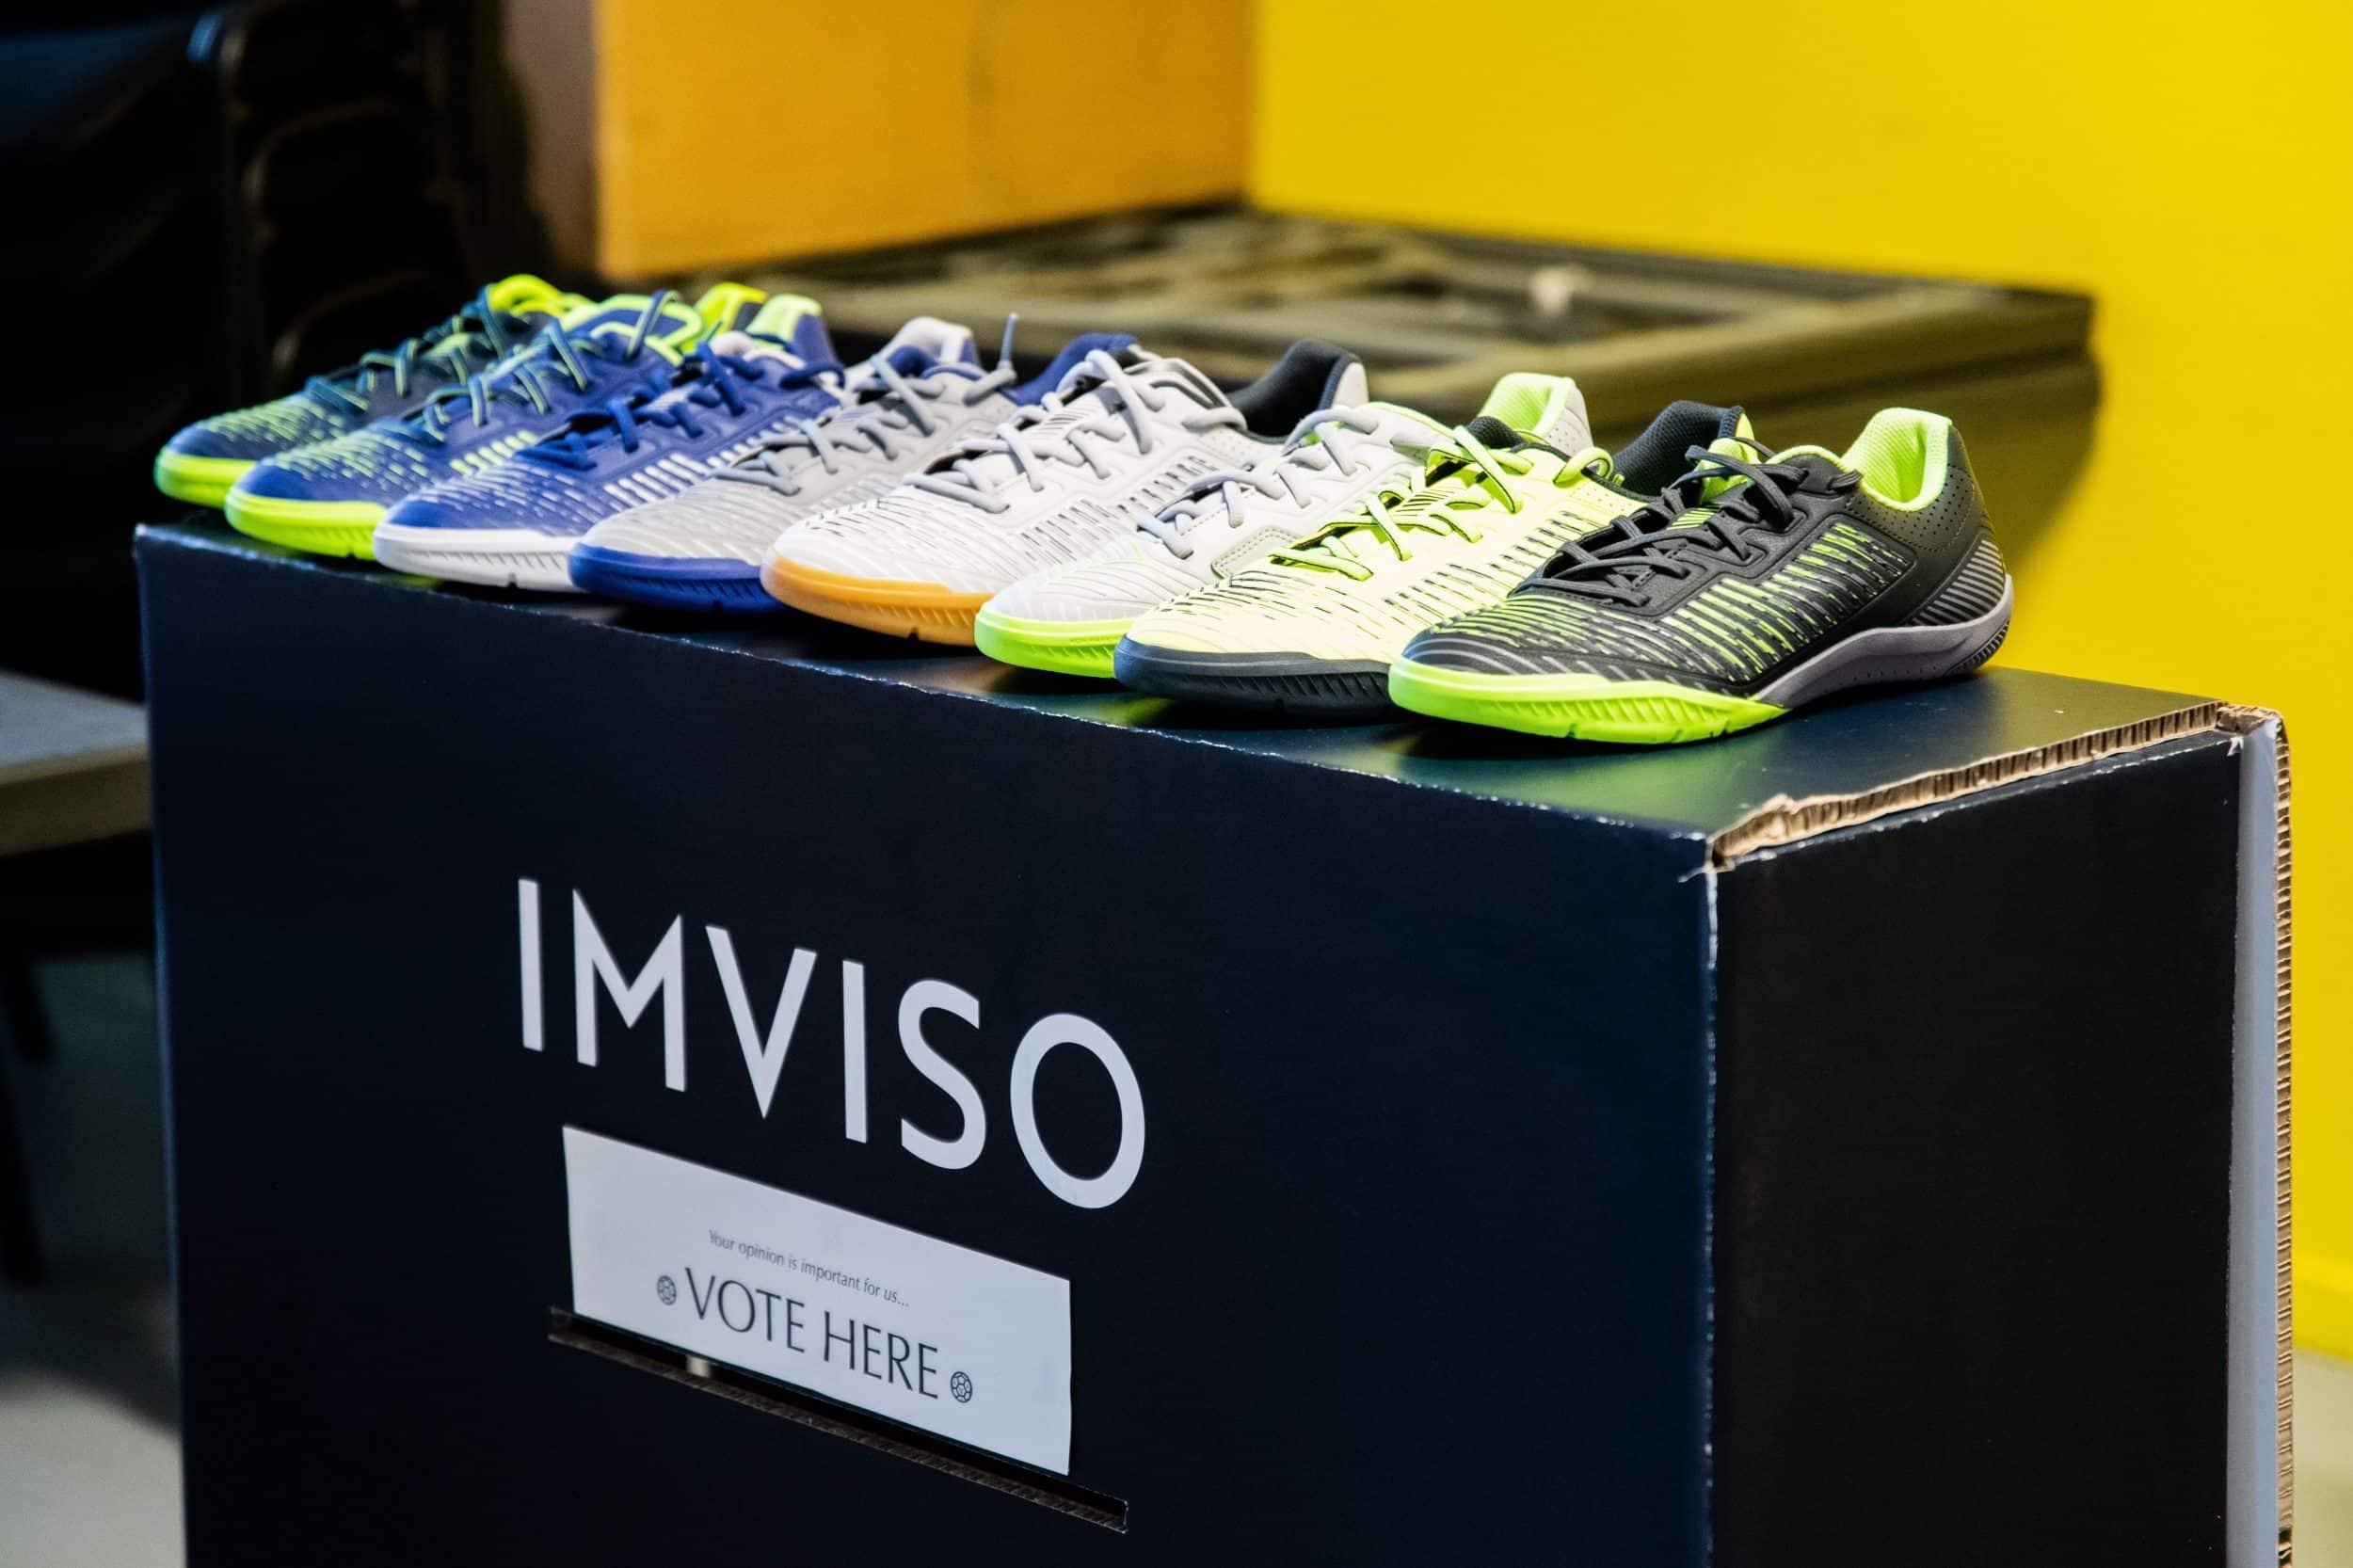 super qualité style actuel le dernier Decathlon lance la marque Imviso dédiée au futsal